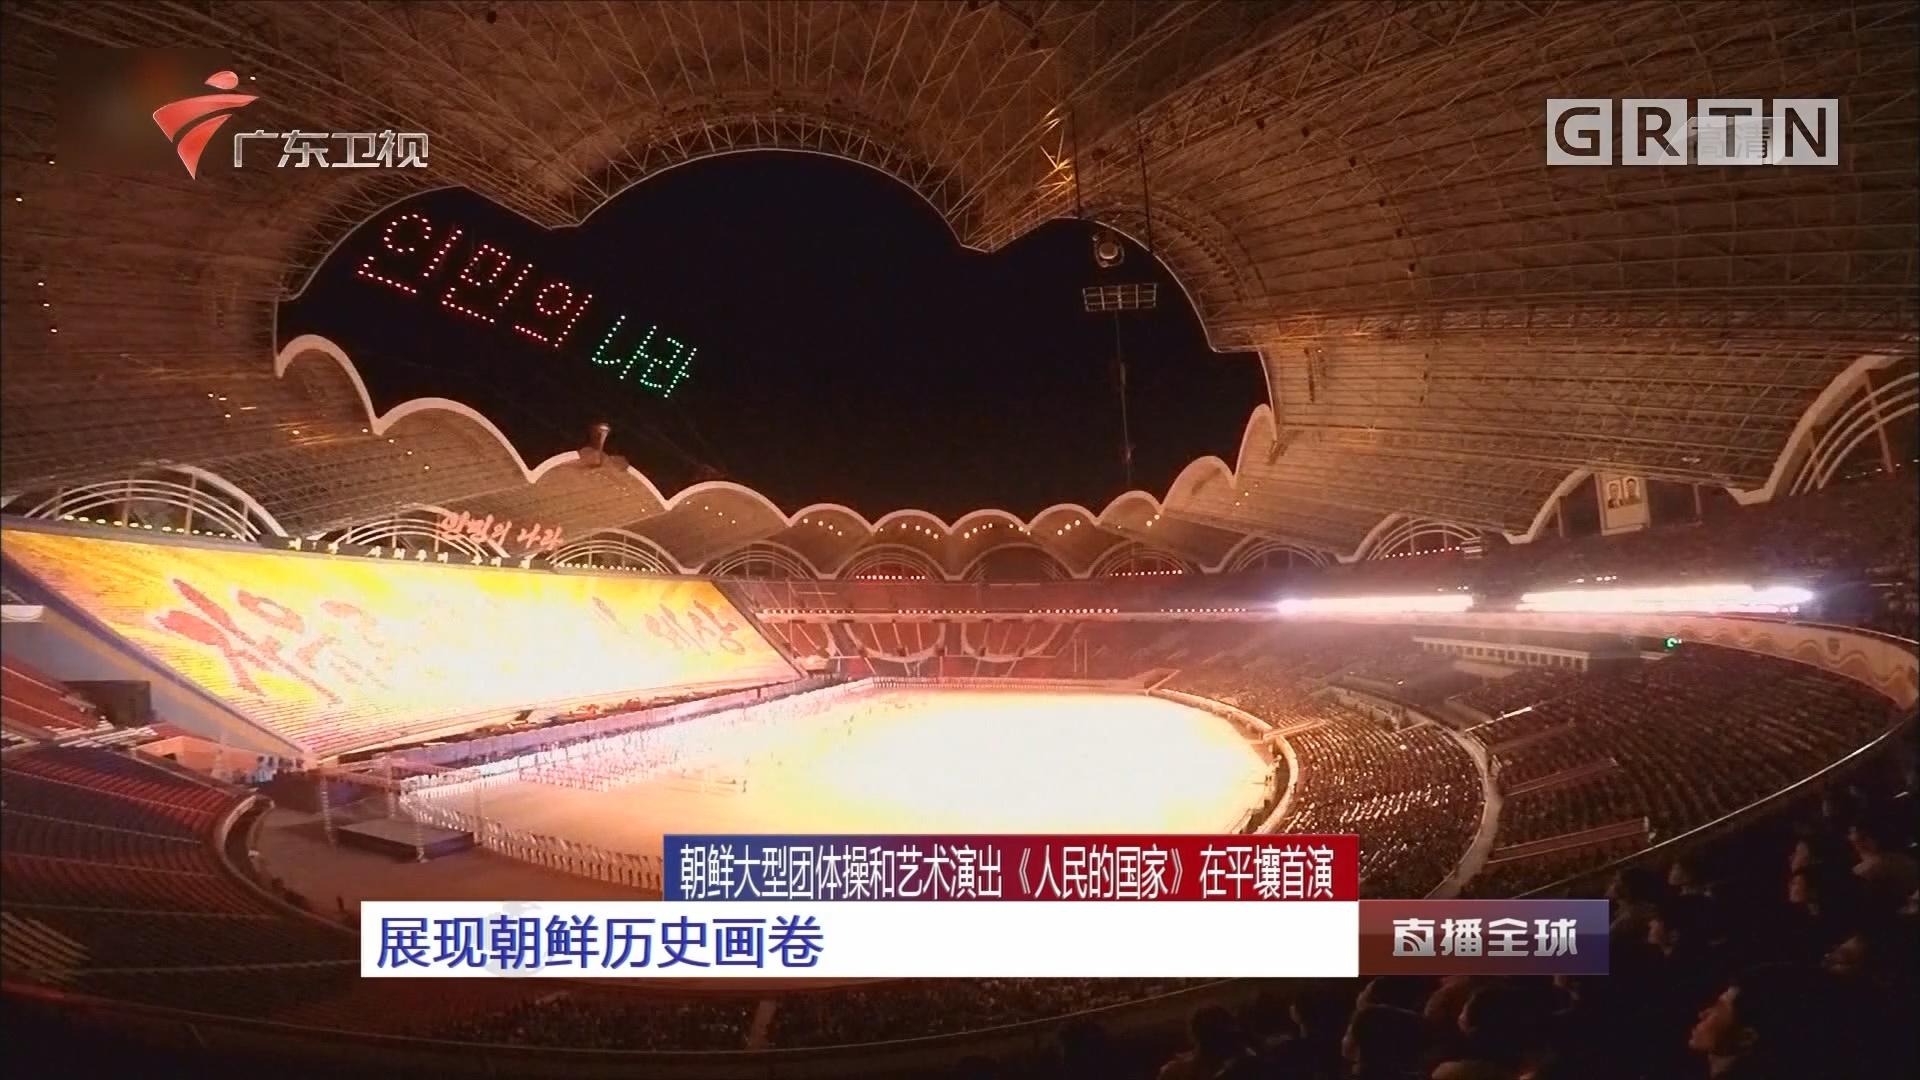 朝鲜大型团体操和艺术演出《人民的国家》在平壤首演 展现朝鲜历史画卷